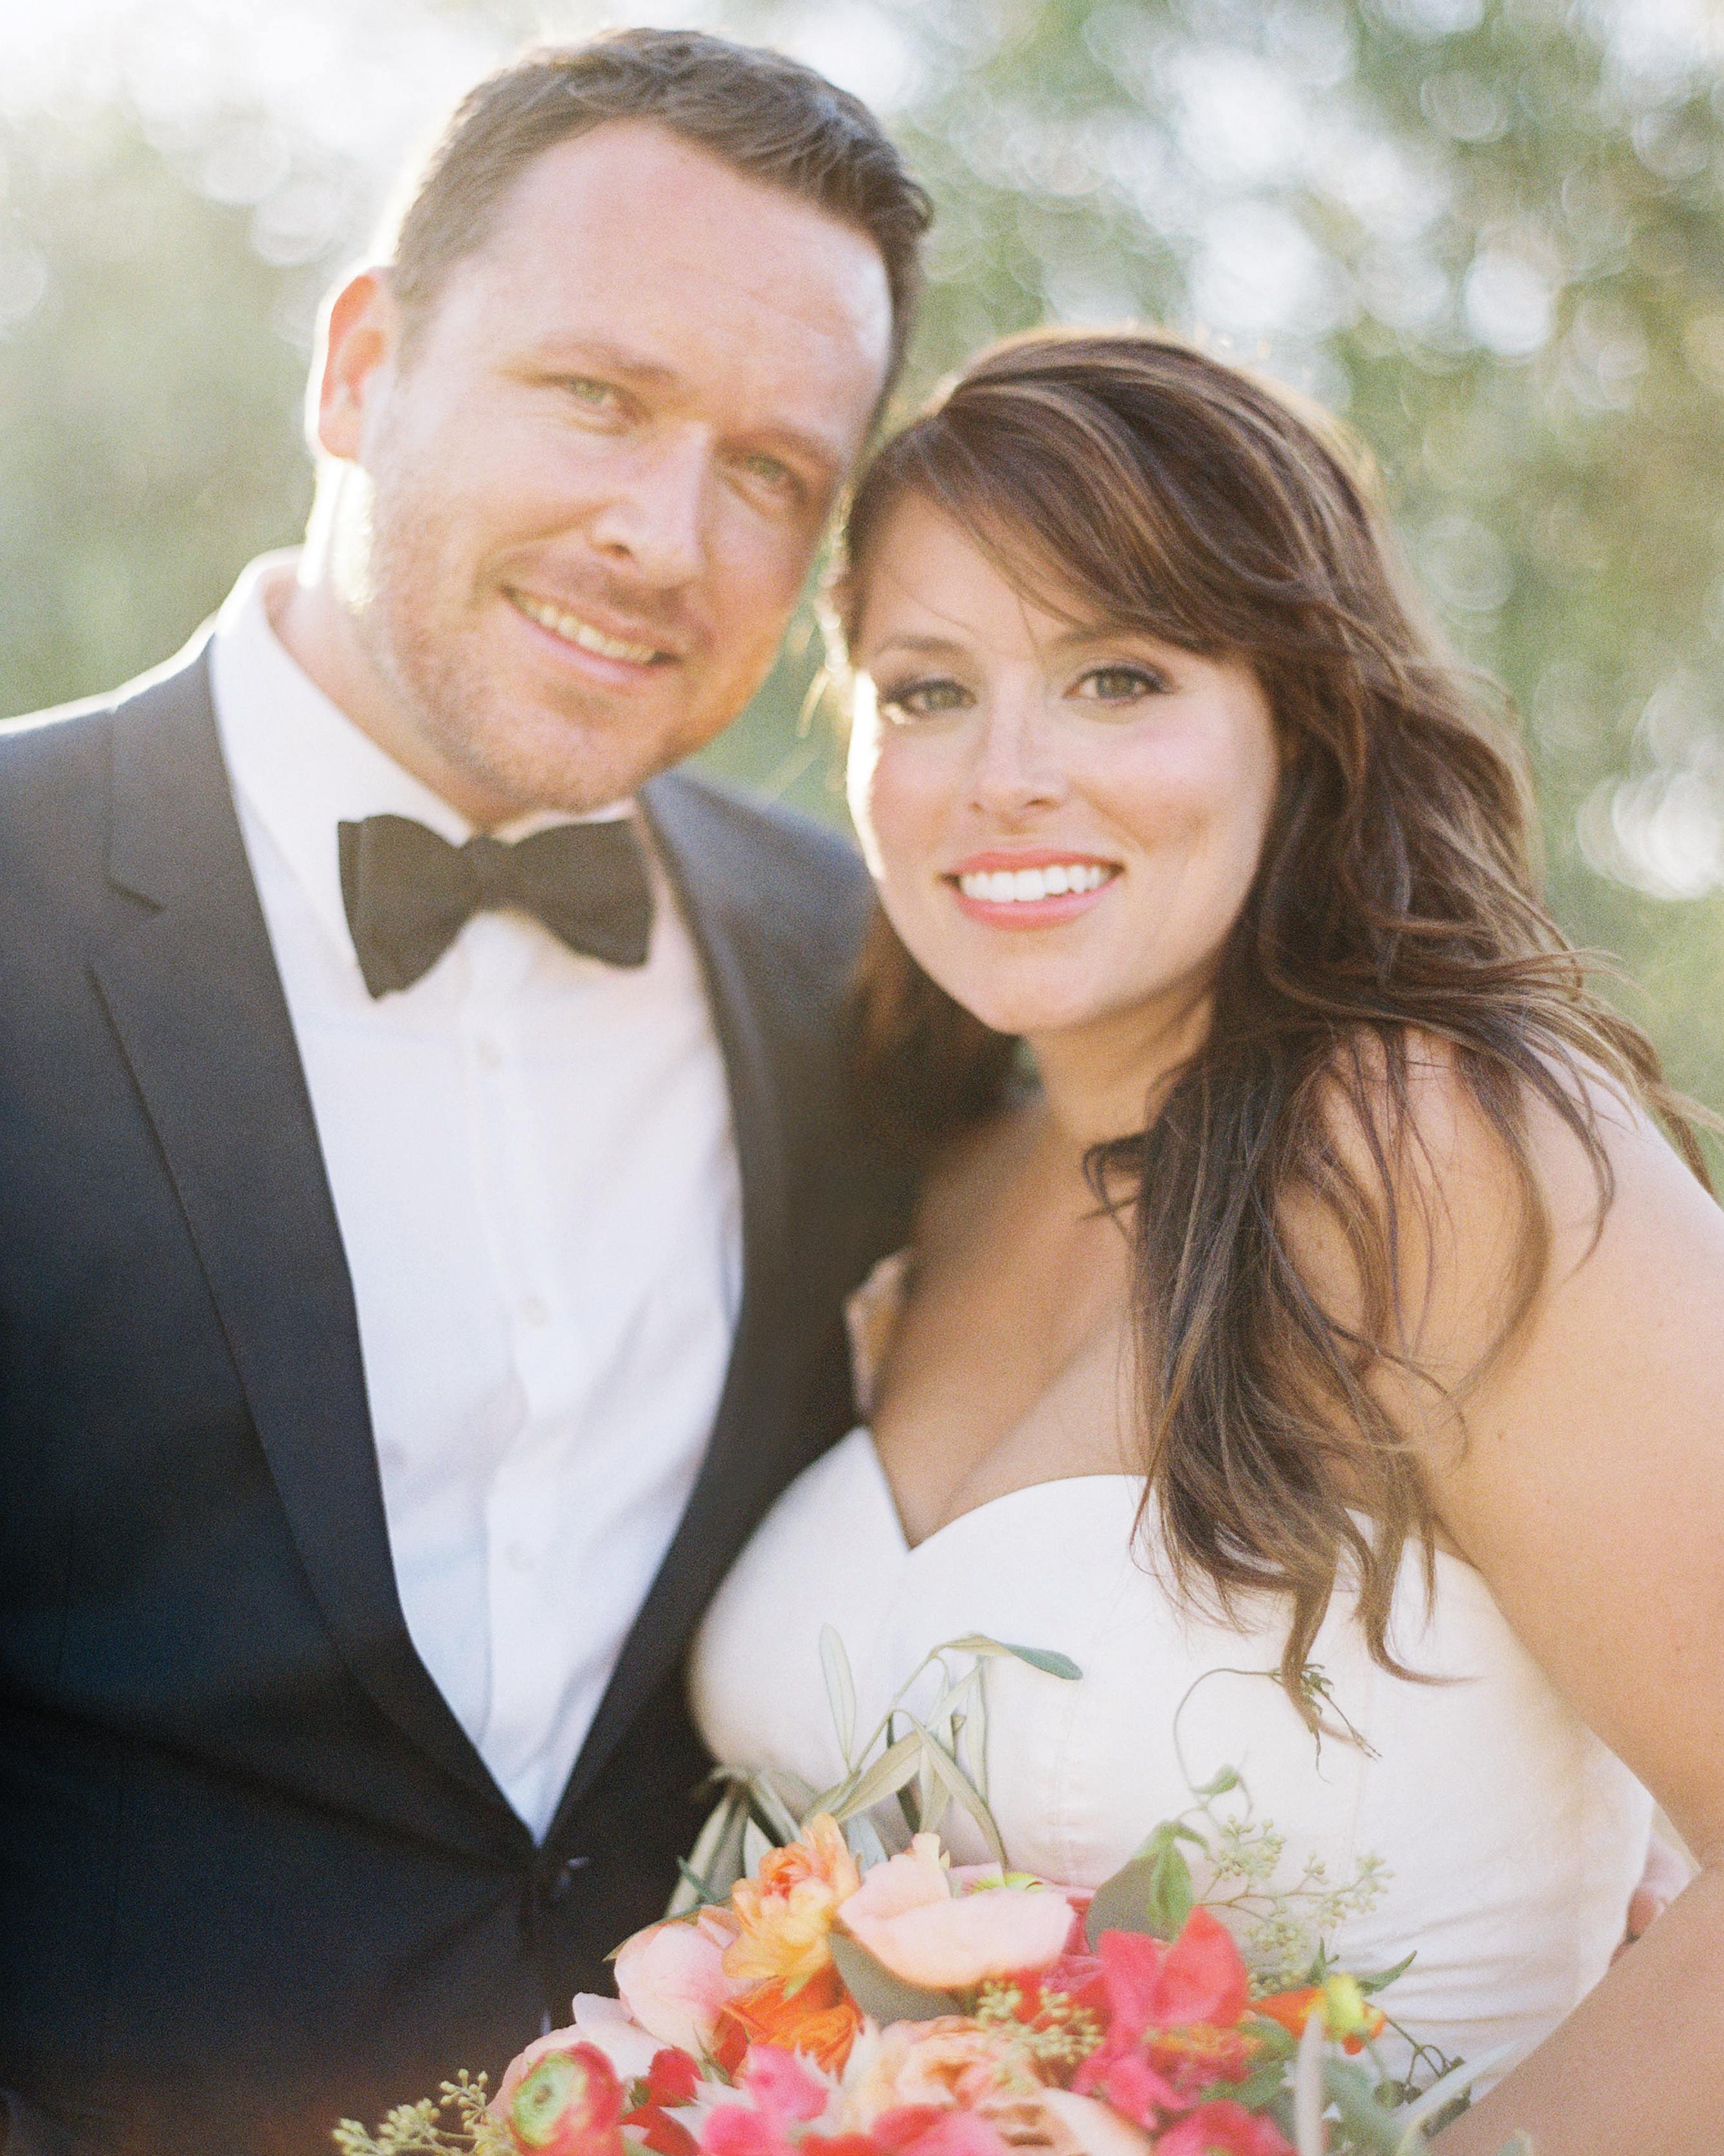 real-wedding-summer-bryanjenhuangsb400h-75-ds111116.jpg